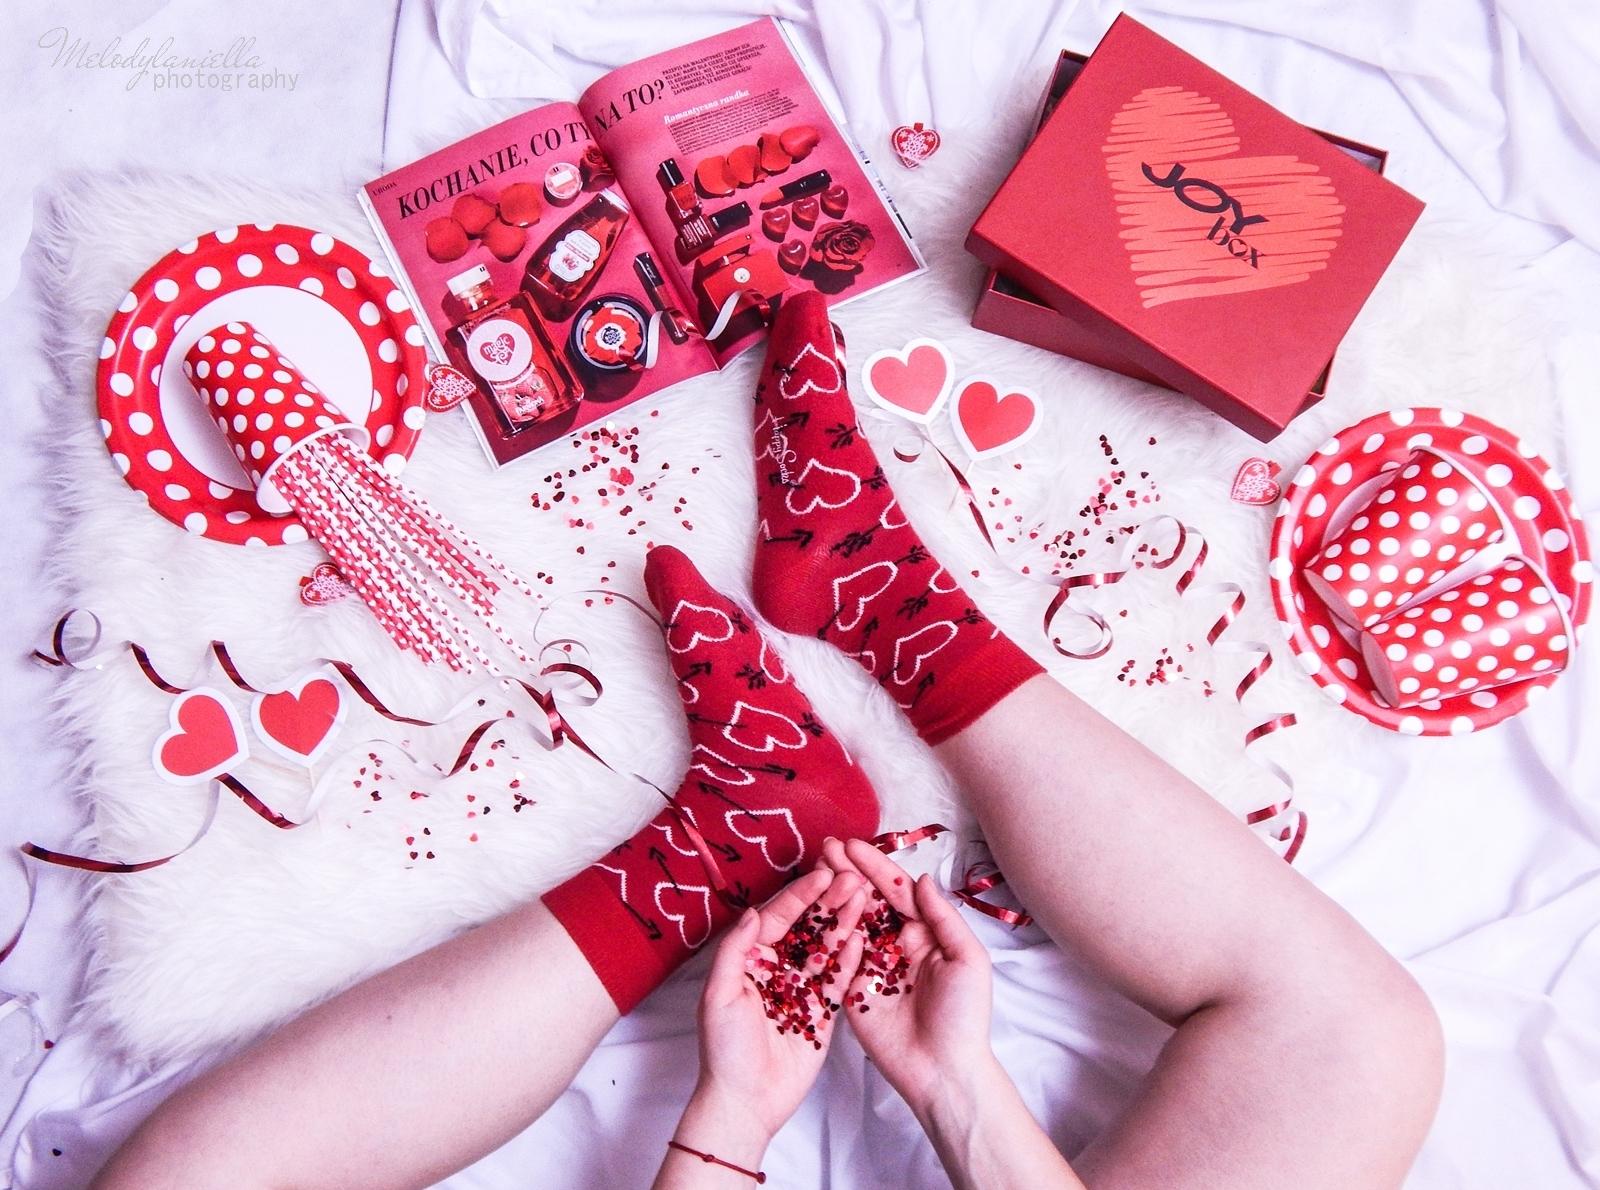 3 HappySocks Happy Socks Sweden ciekawe kolorowe skarpetki melodylaniella pomysły na prezent ciekawe dodatki do stylizacji skarpety we wzory wzorki skarpetki dla chłopaka skarpetki dla dziewczyny moda